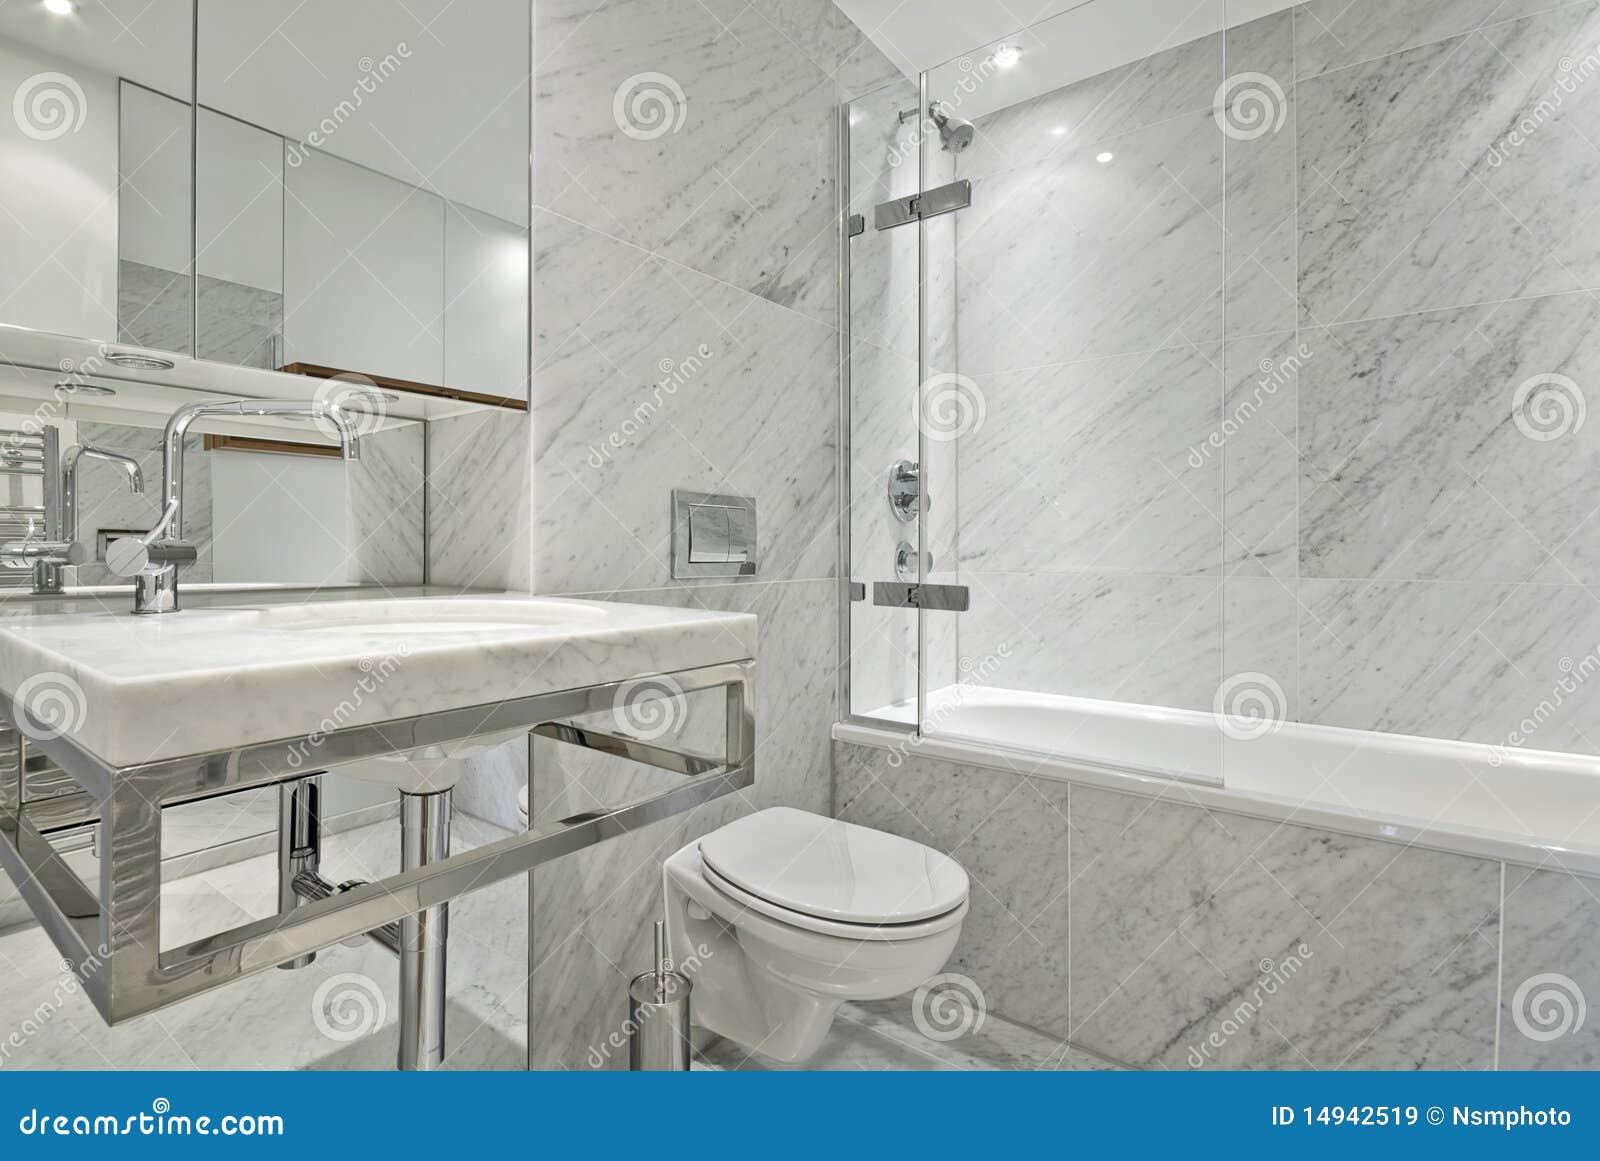 Baños Modernos Marmol:Cuarto De Baño Moderno Del Mármol De La Habitación Del En En Blanco